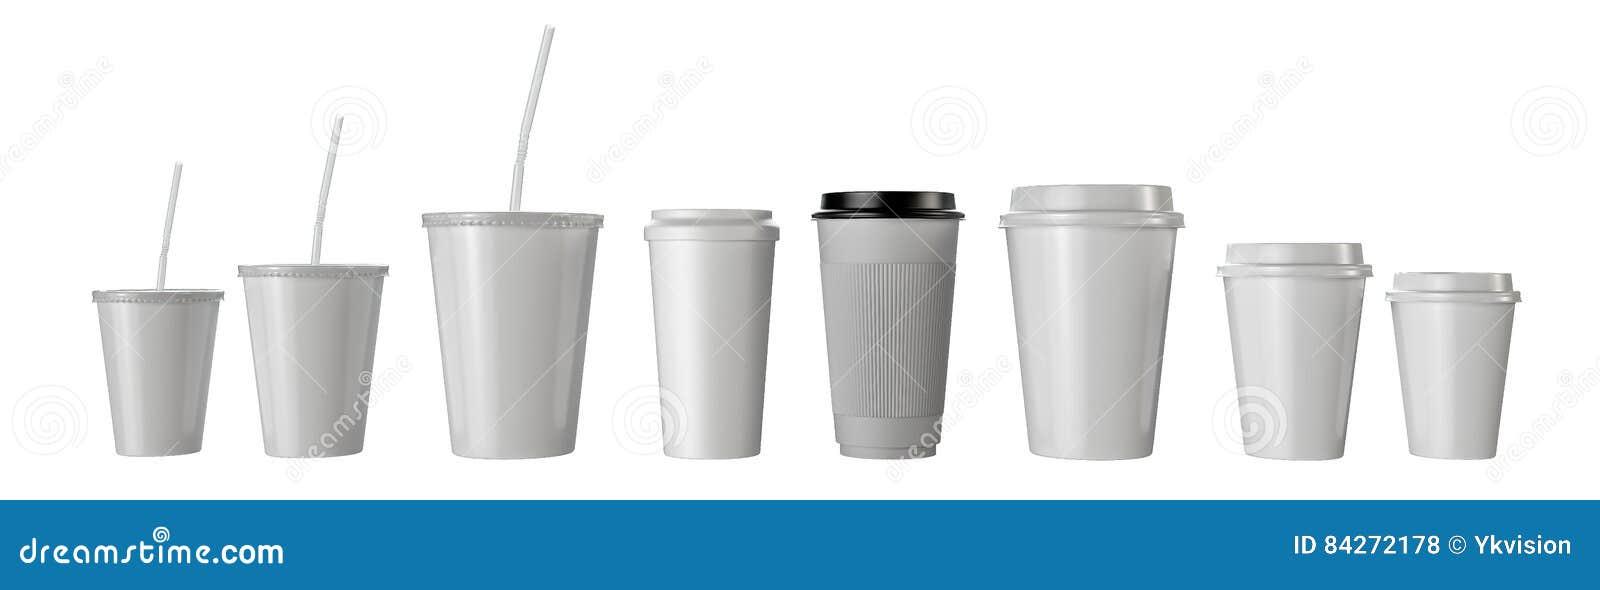 Muitos copos de papel do fast food isolados